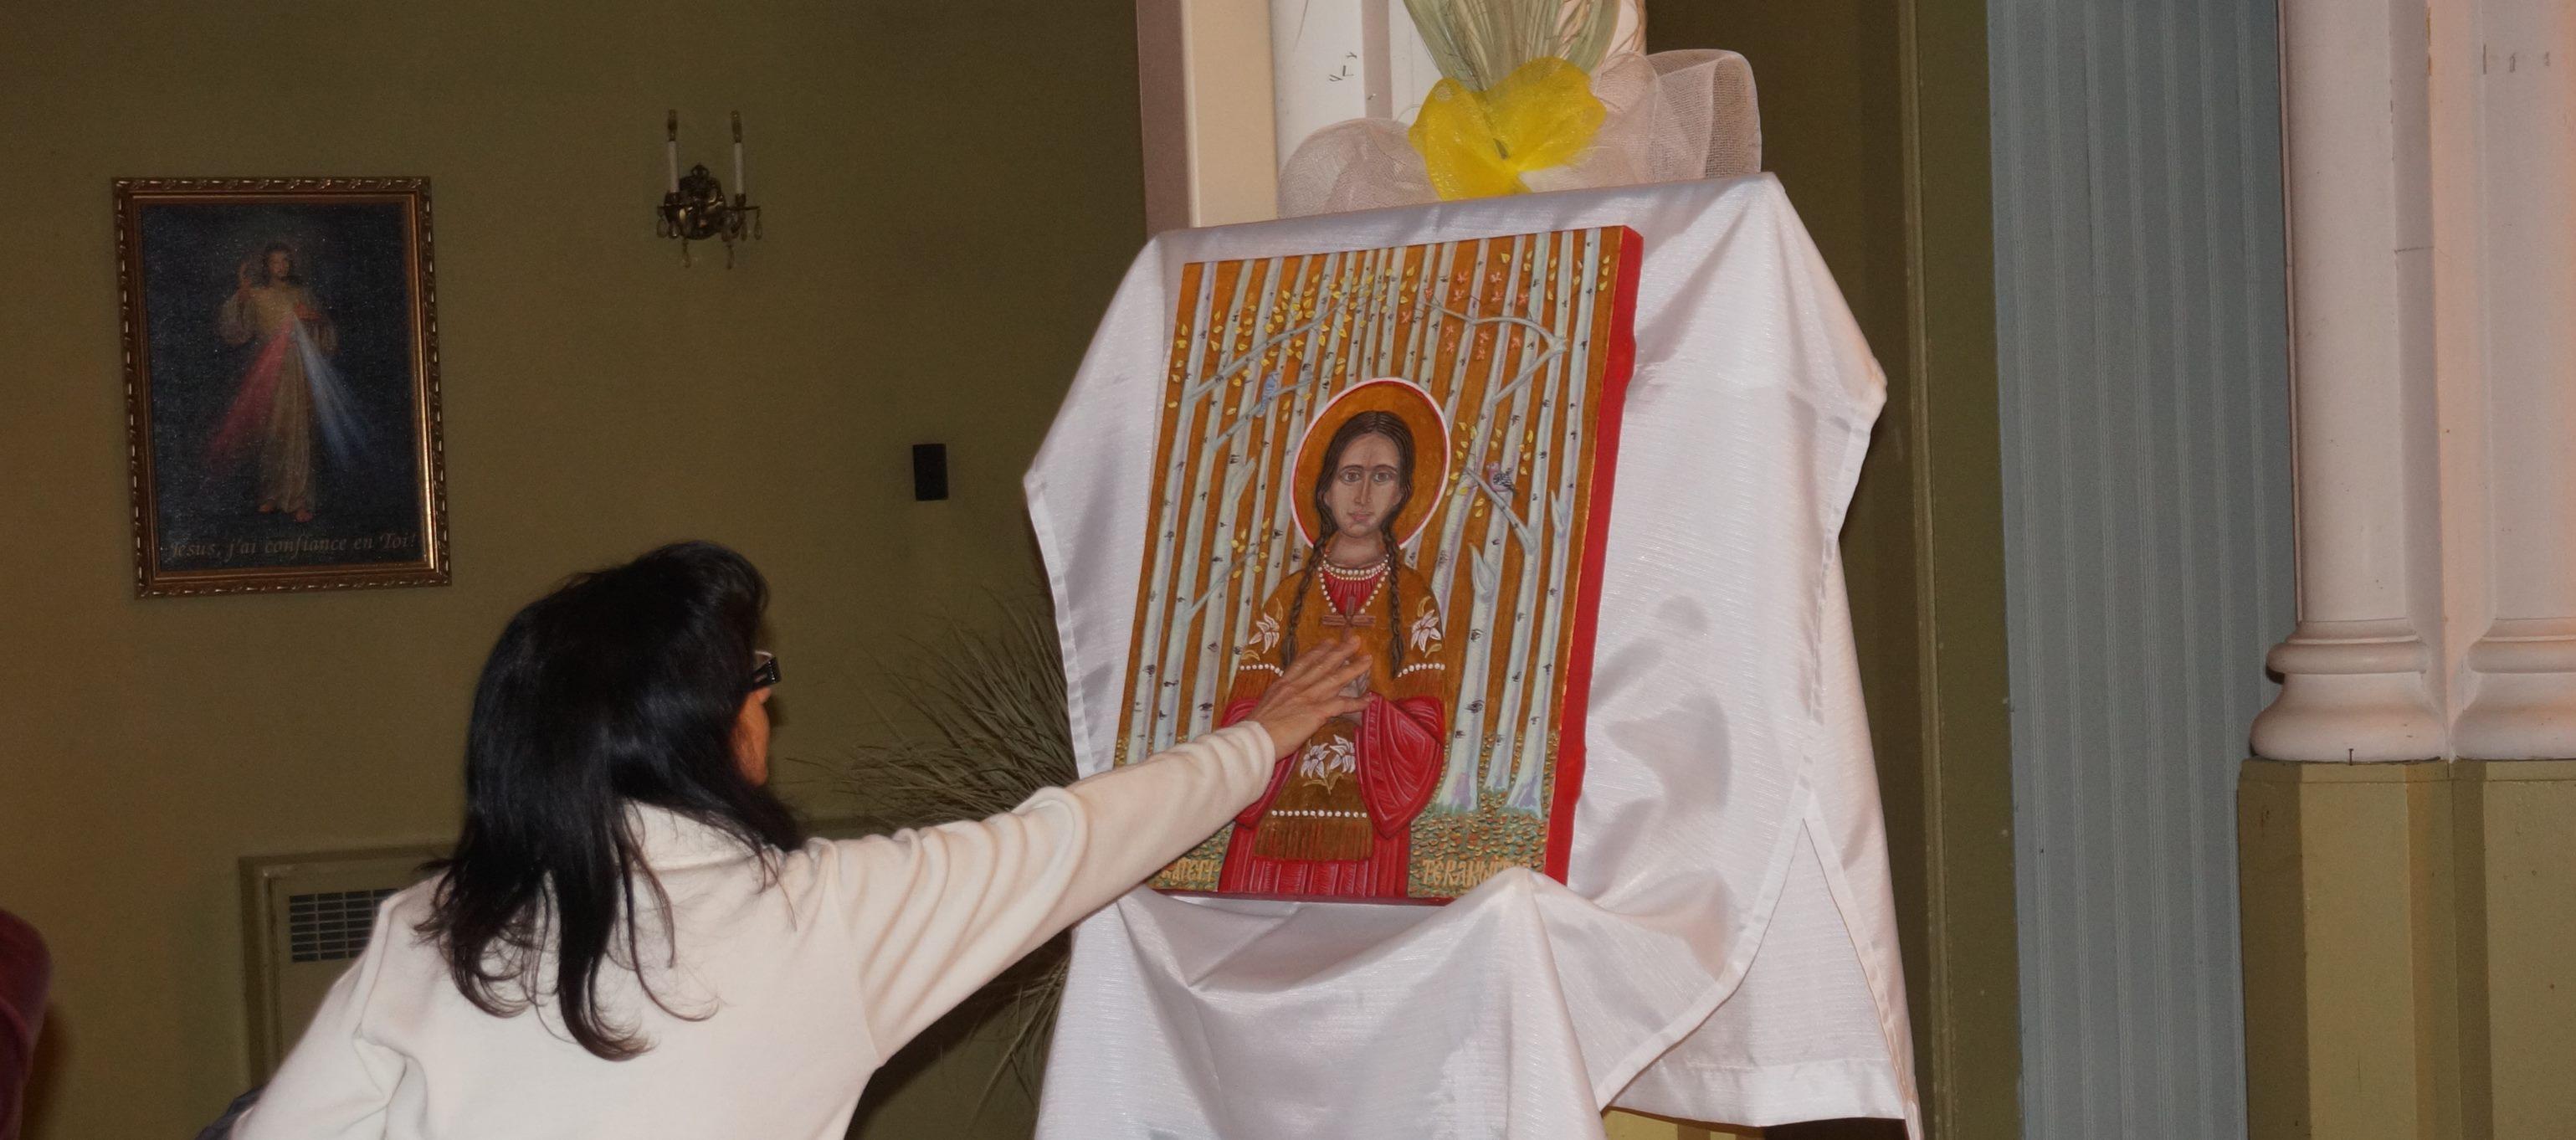 Vénération de l'icône de sainte Kateri